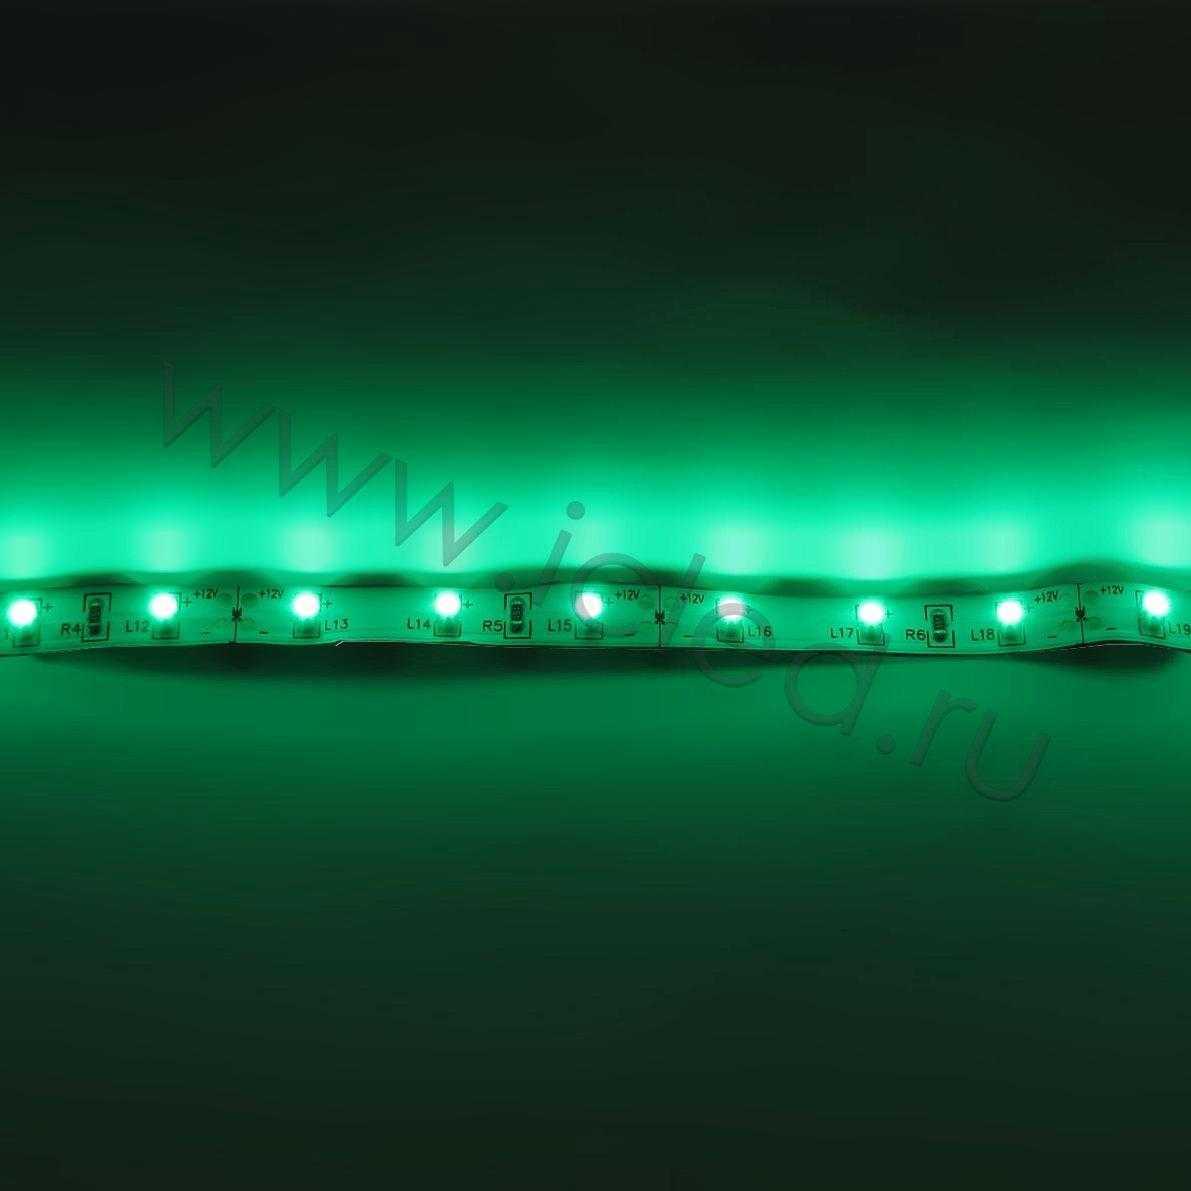 Светодиодная лента Class B, 3528, 60 led/m, Green, 12V, IP33